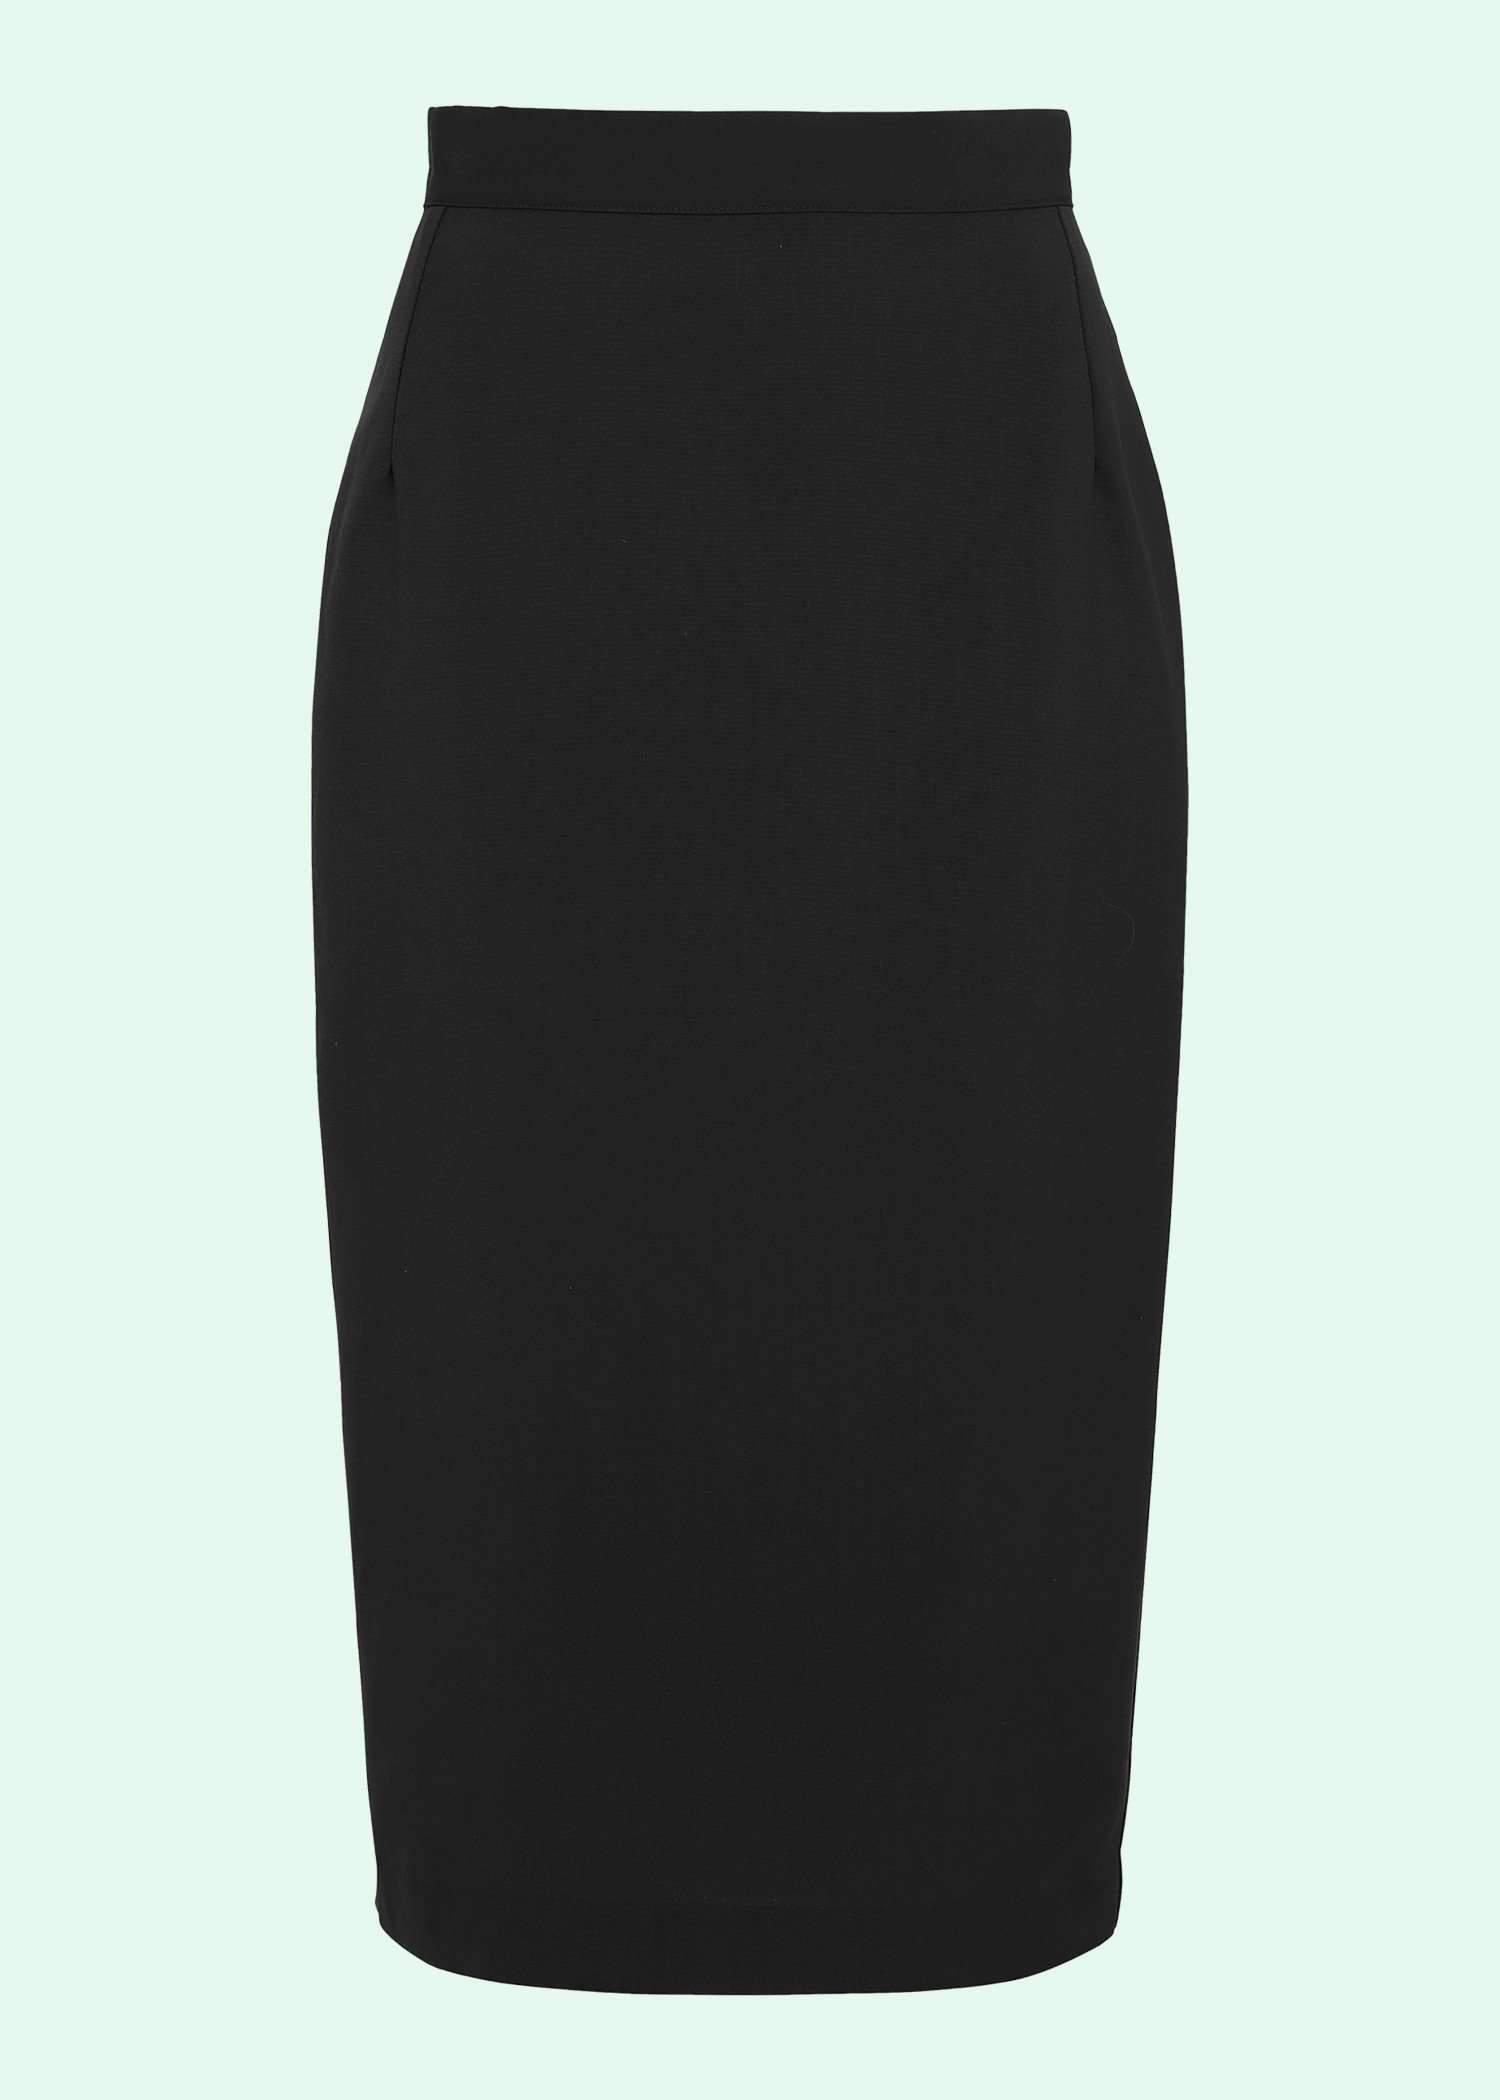 Pencil nederdel i vintage stil fra The House Of Foxy